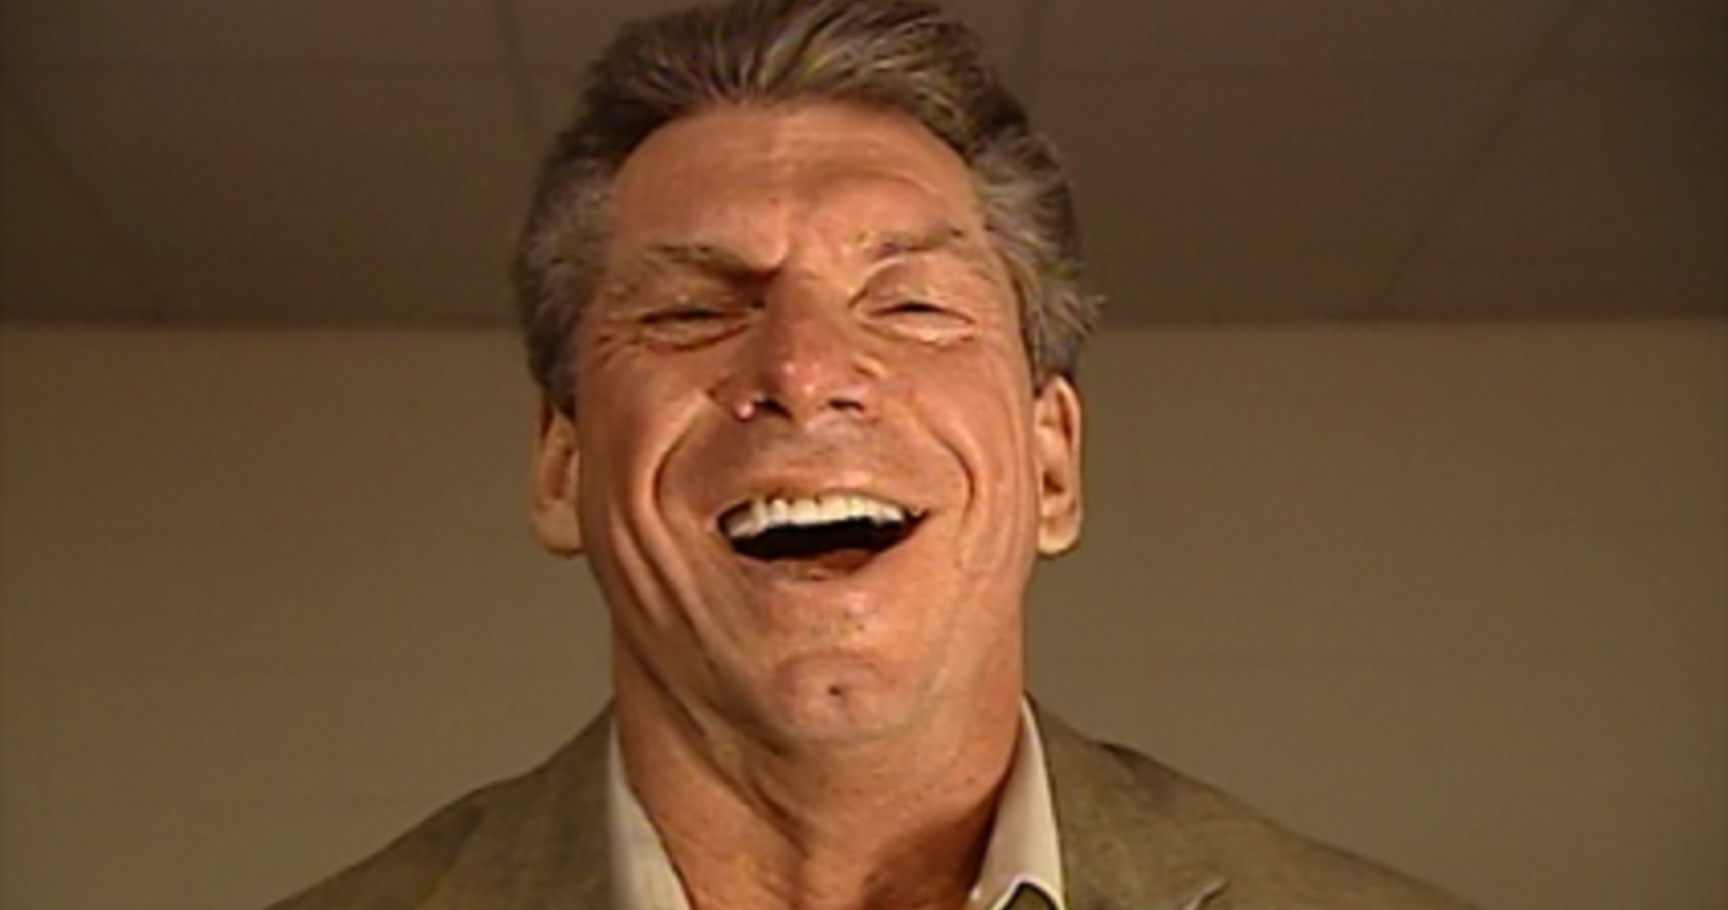 Vince-McMahon-evil-laugh.png